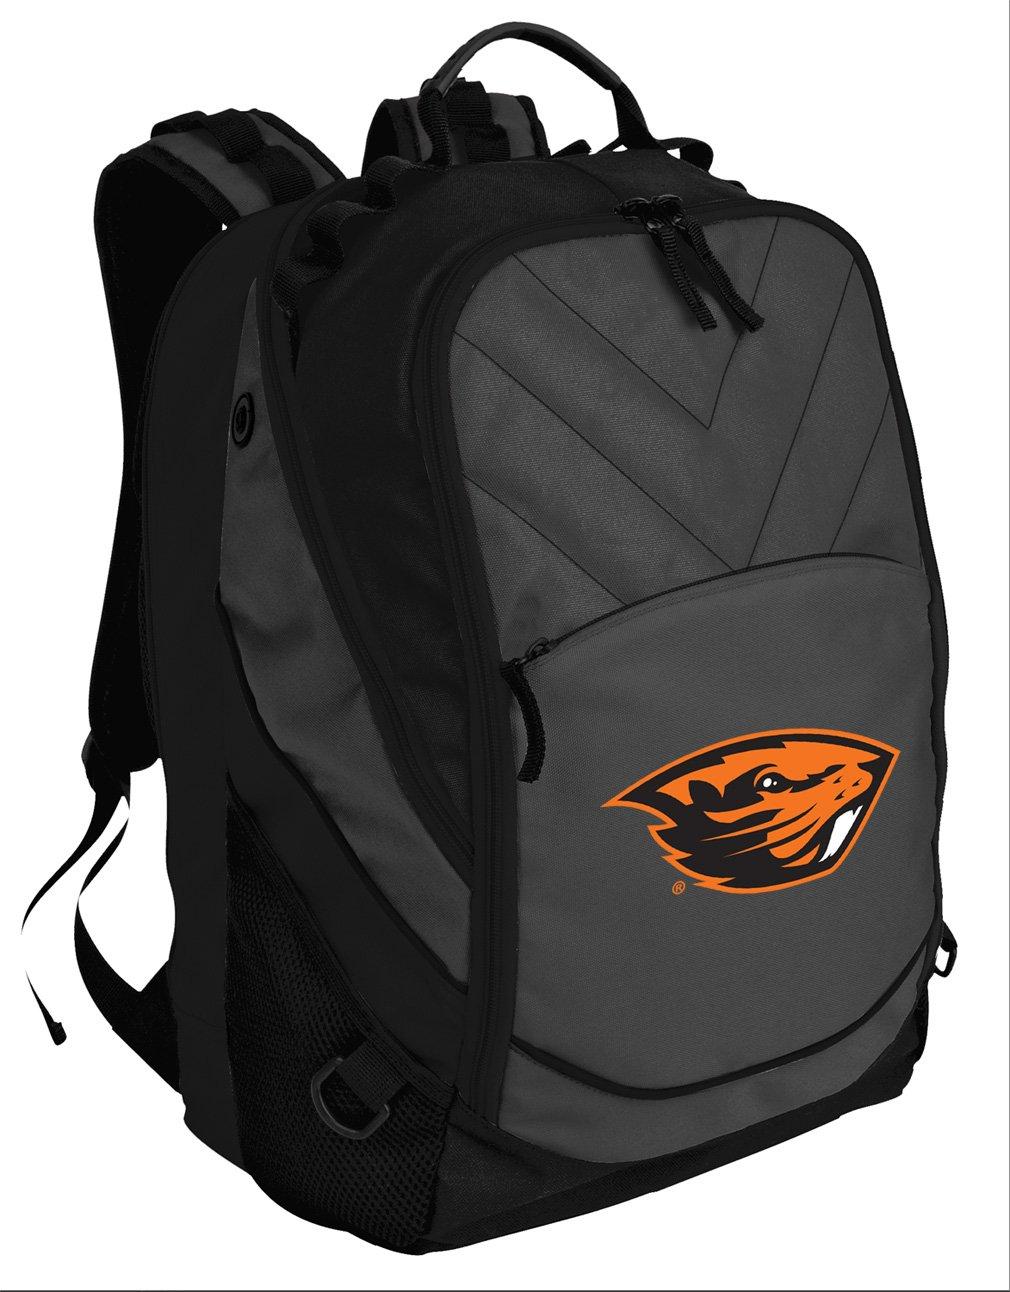 Broad Bay Best Oregon State University Backpack Laptop Computer Bag